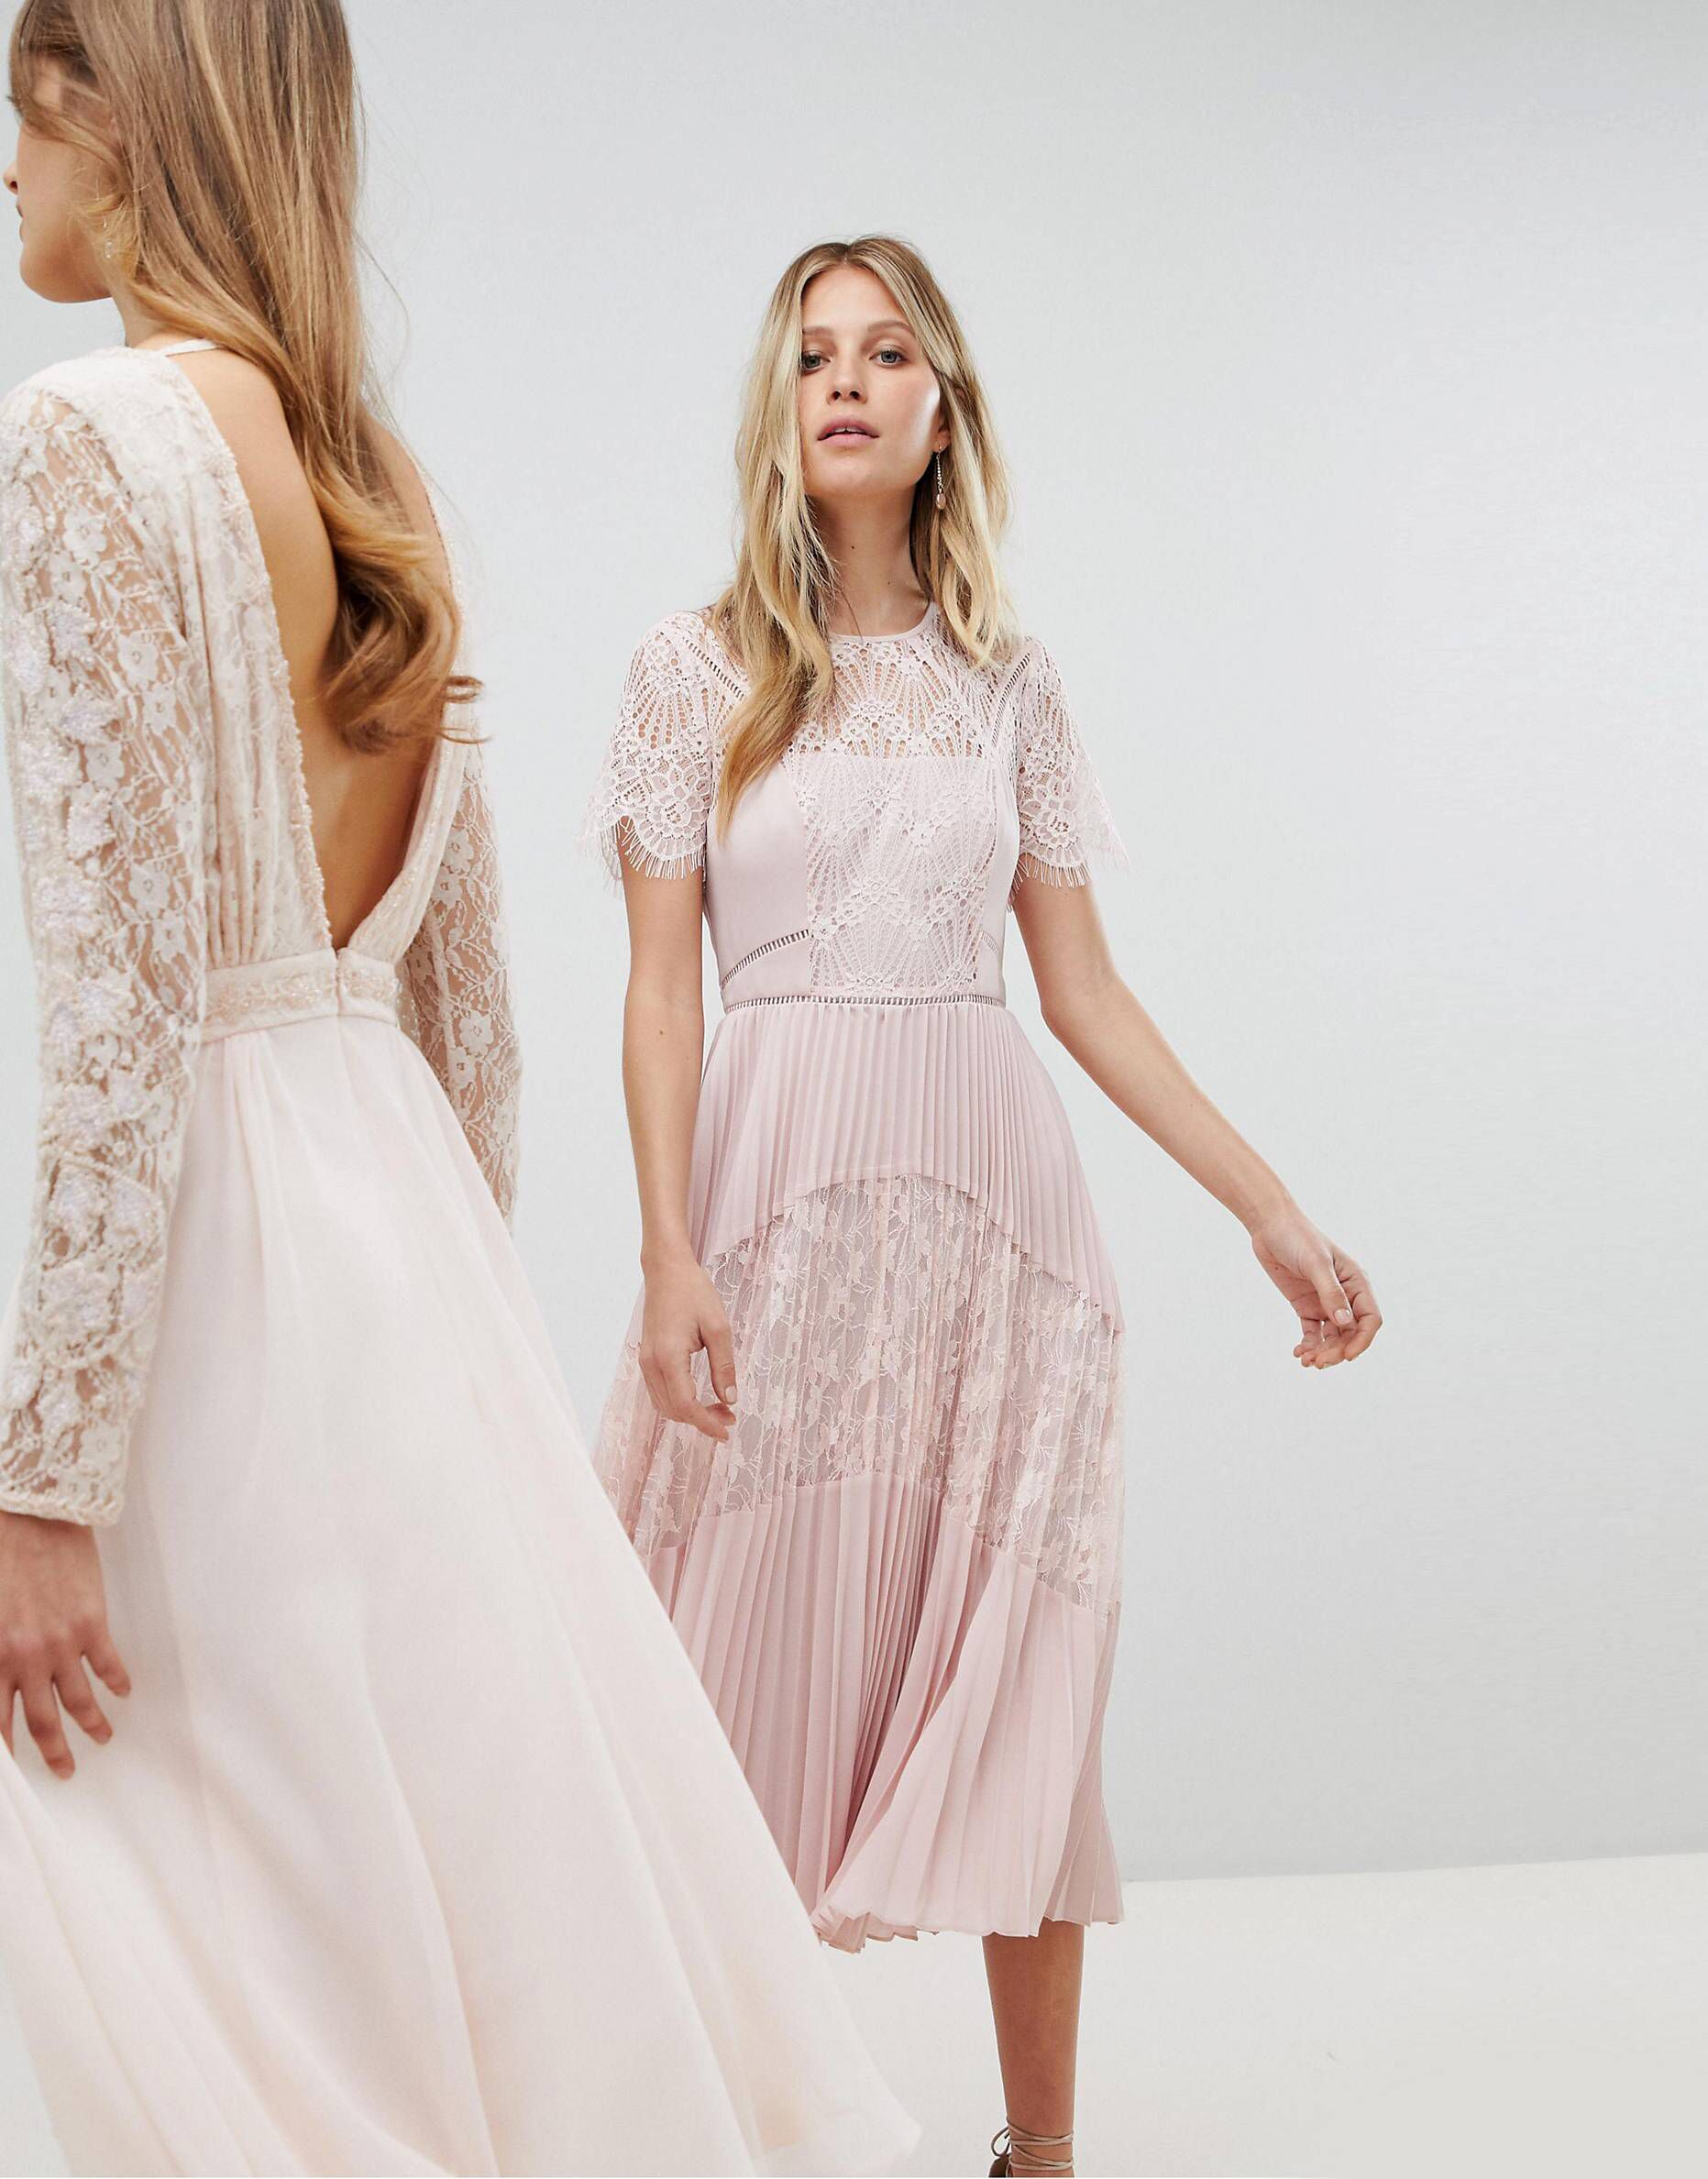 Wunderbar Jcrew Brautjungfern Kleid Zeitgenössisch - Hochzeit Kleid ...